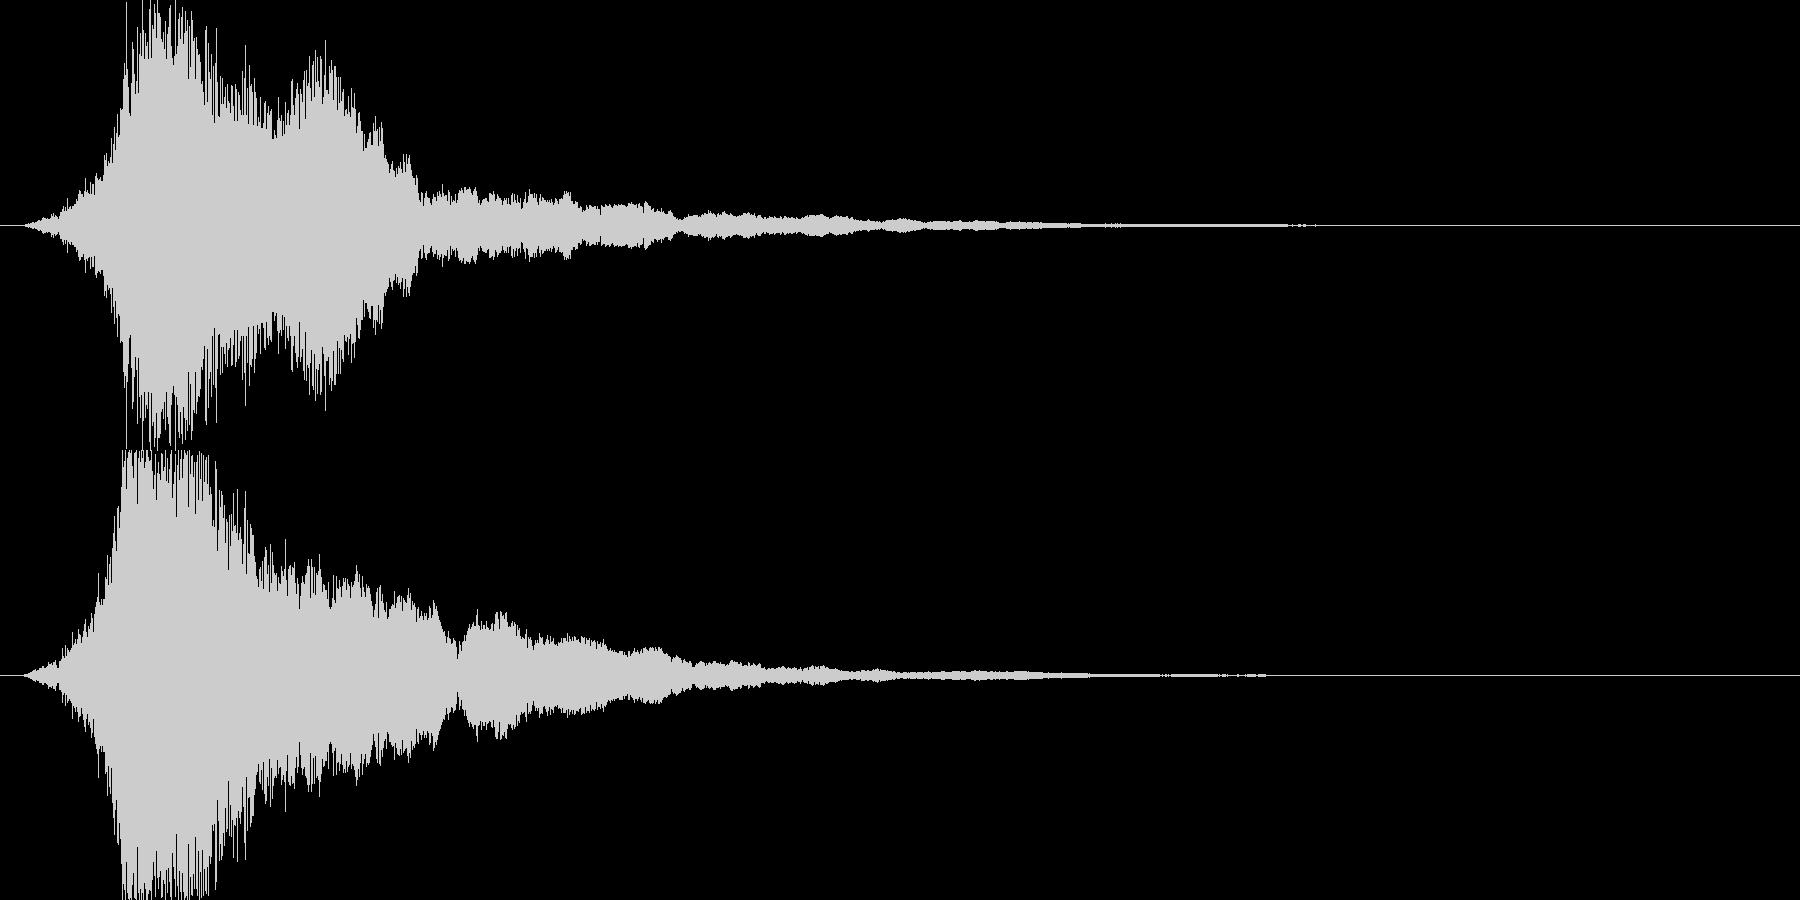 シャキーン 派手なインパクト音6の未再生の波形